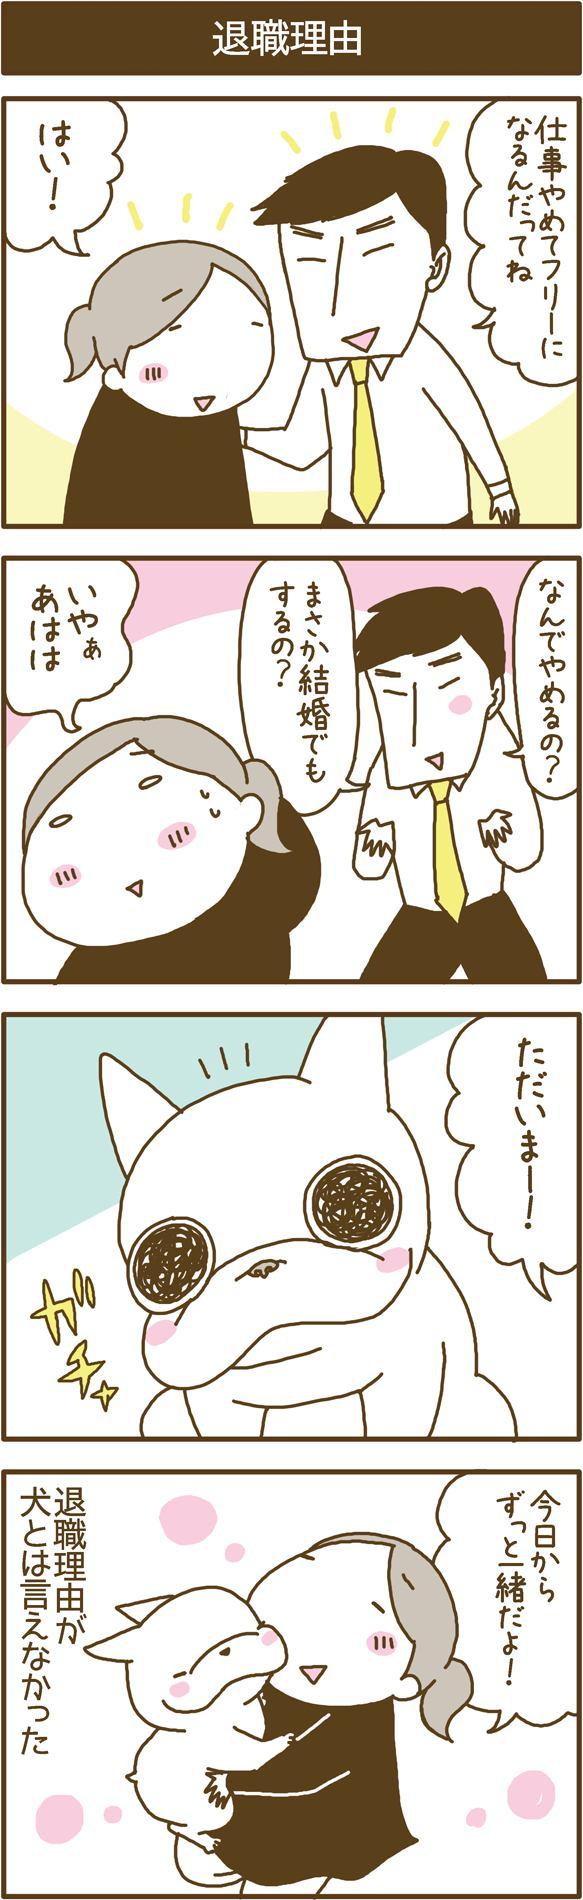 フレブルこくぼ第28話